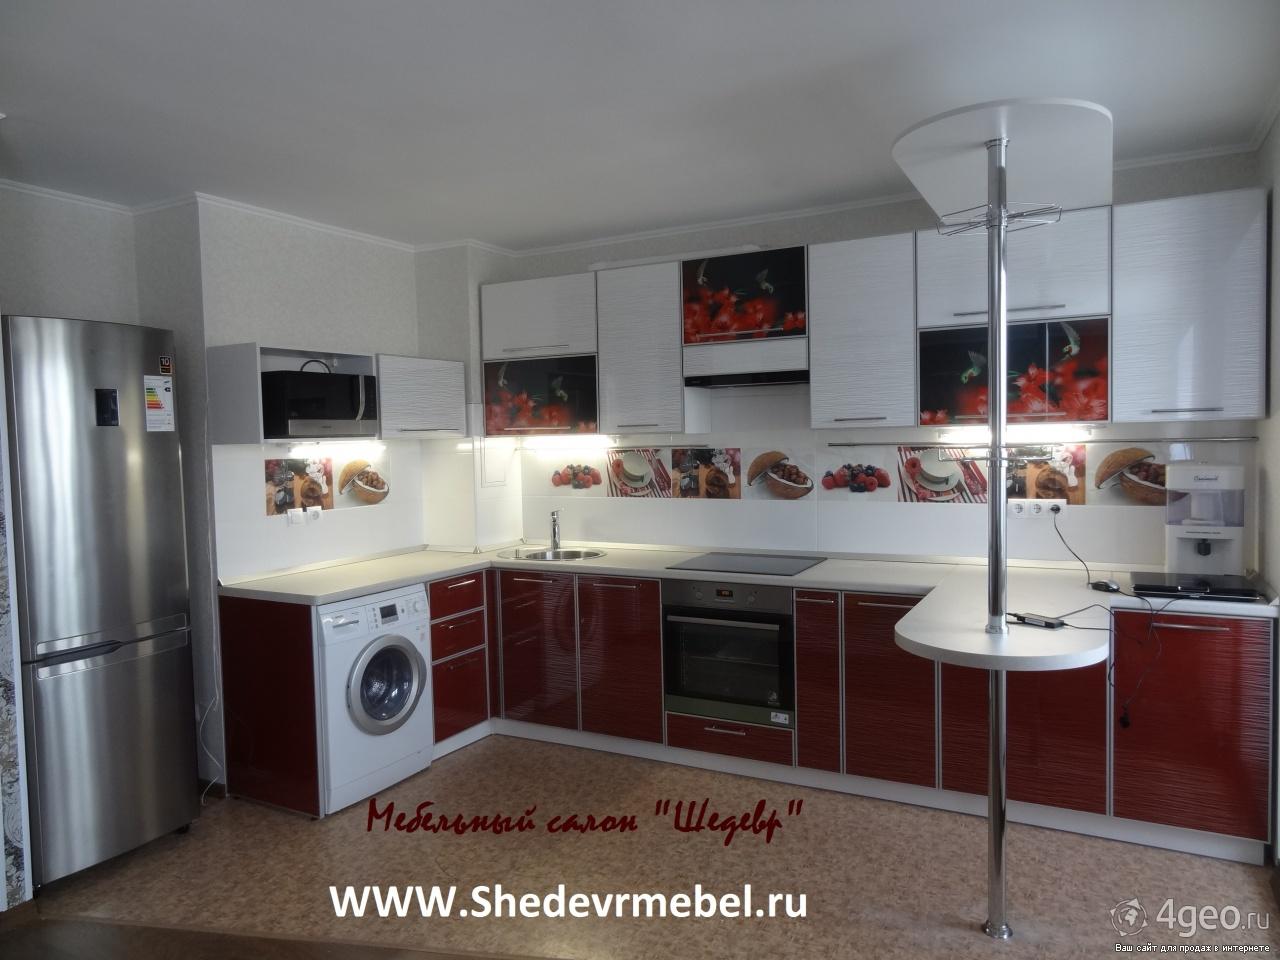 Хабаровск солоны по изготовлению кухонь